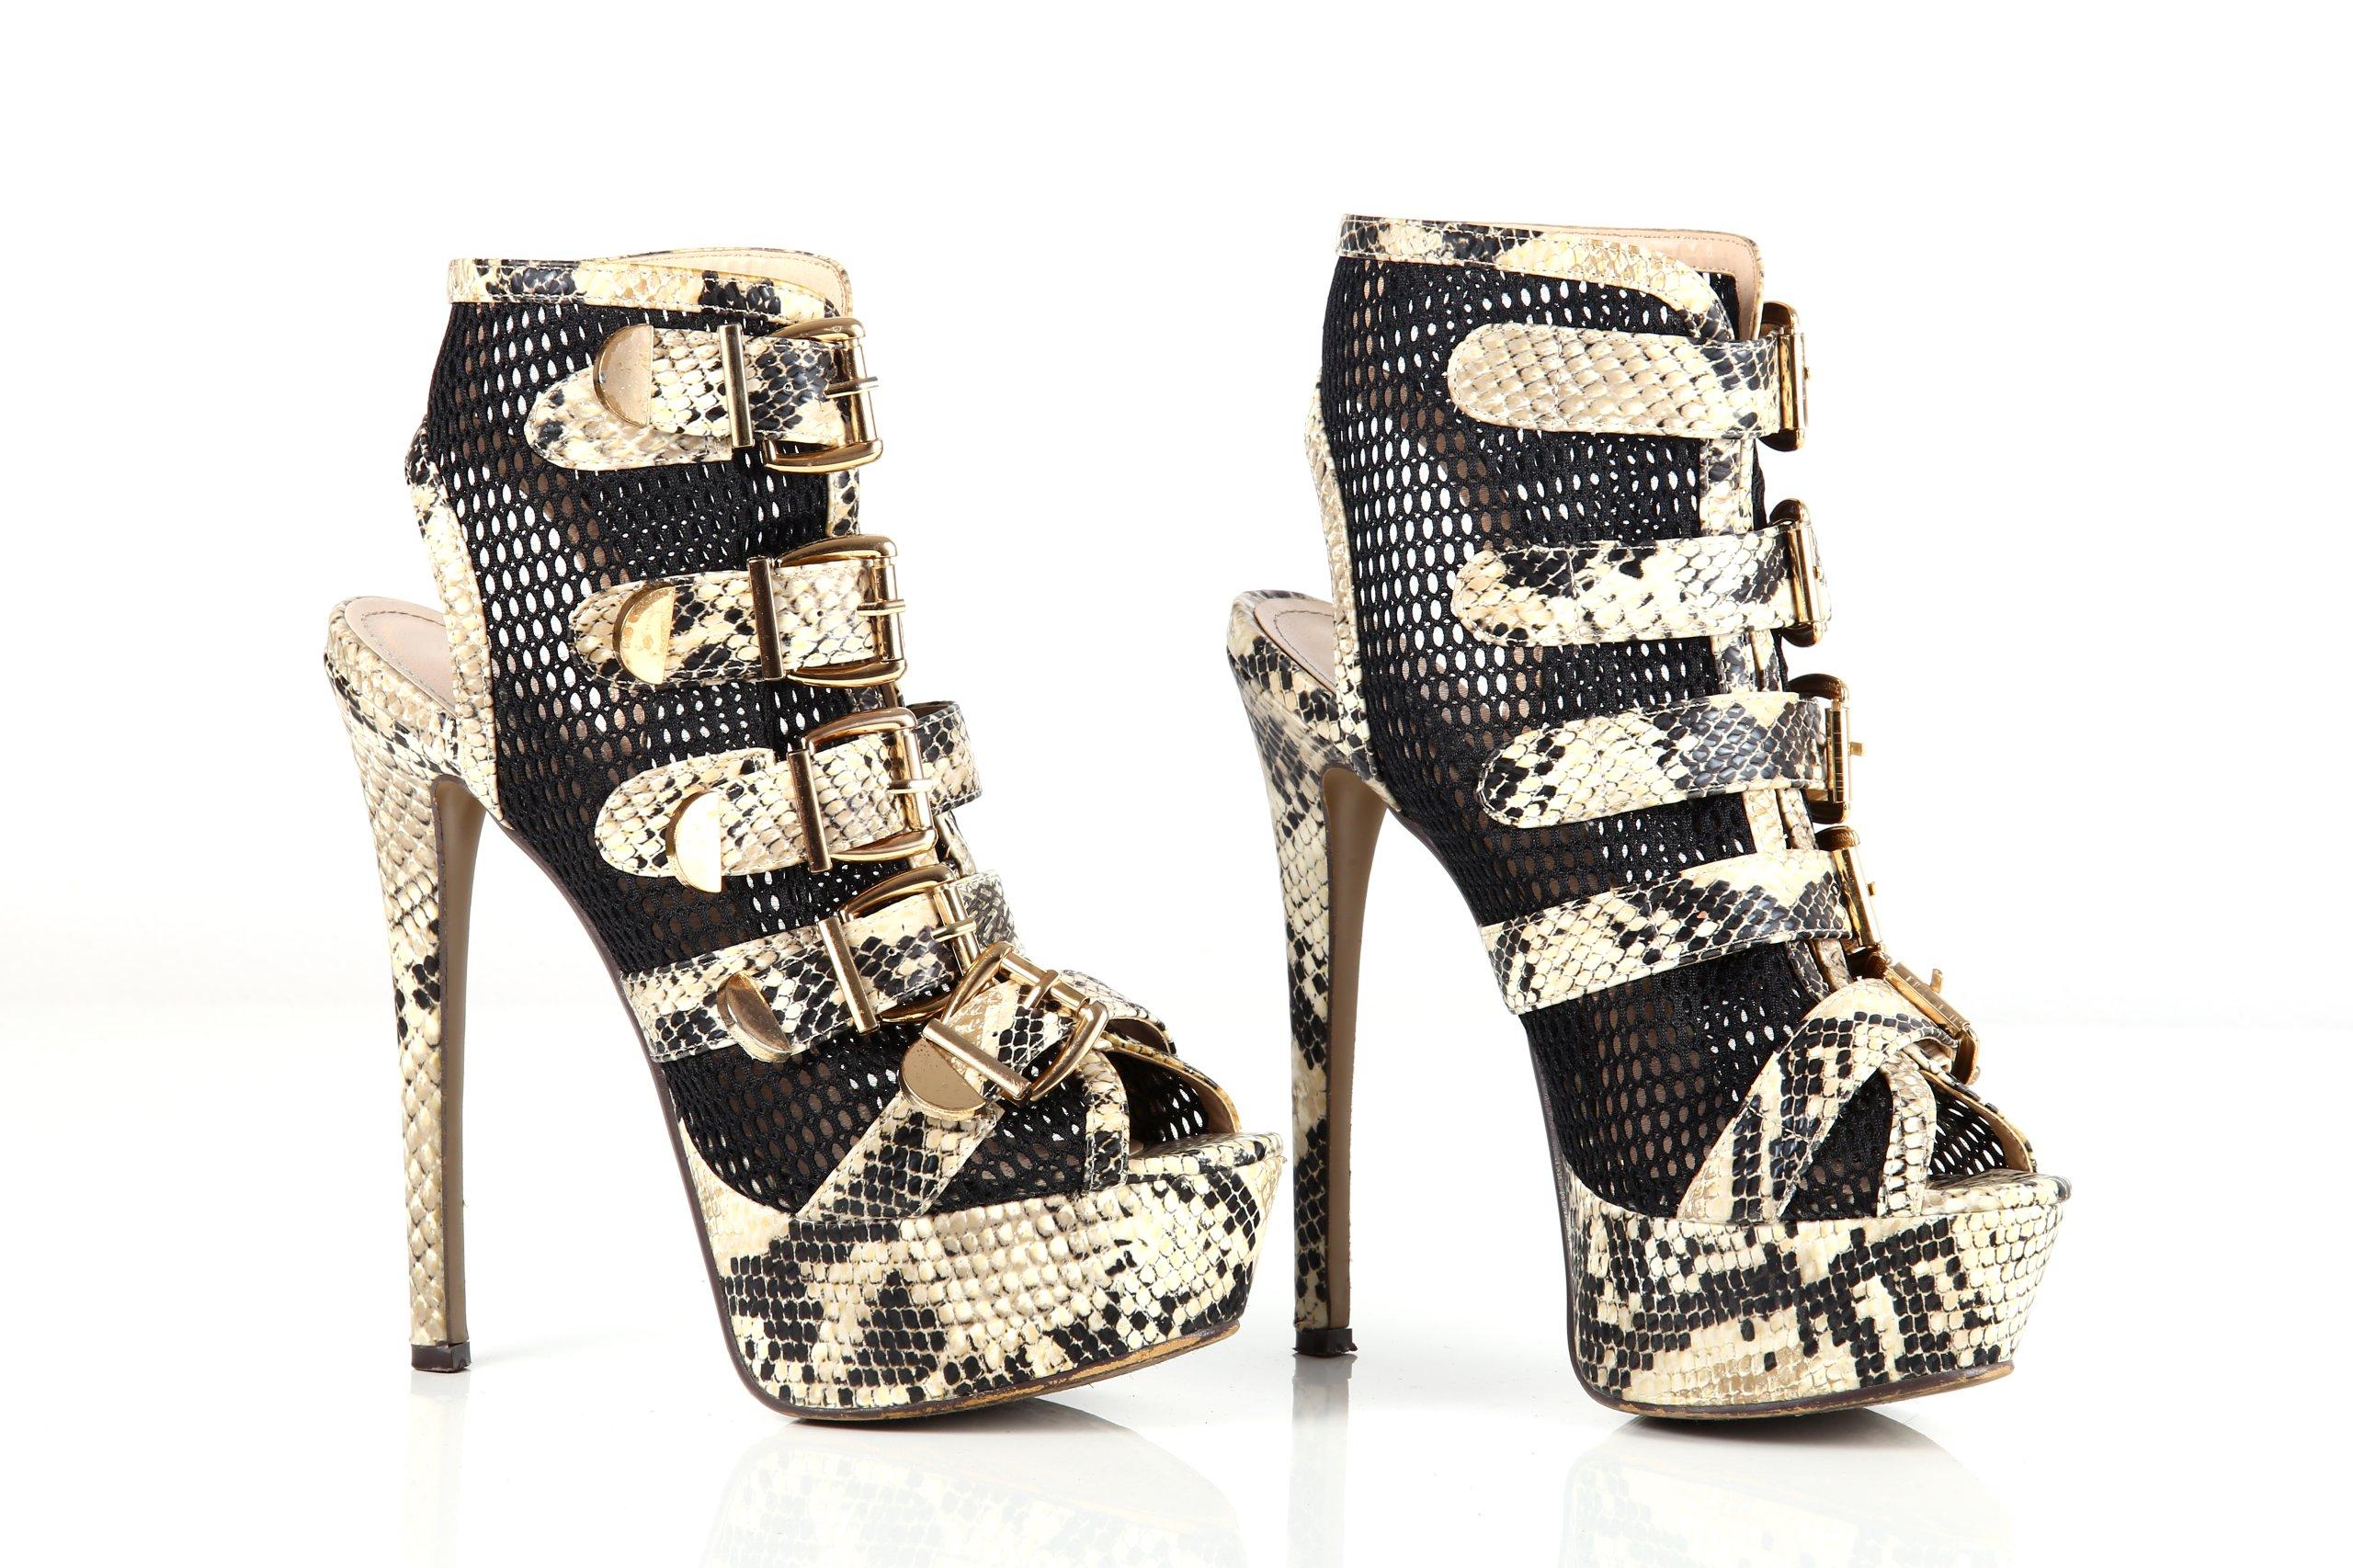 Groovy buty szpila czółenka motyw węża wysokie 38 MEGA - 7390476406 BN28